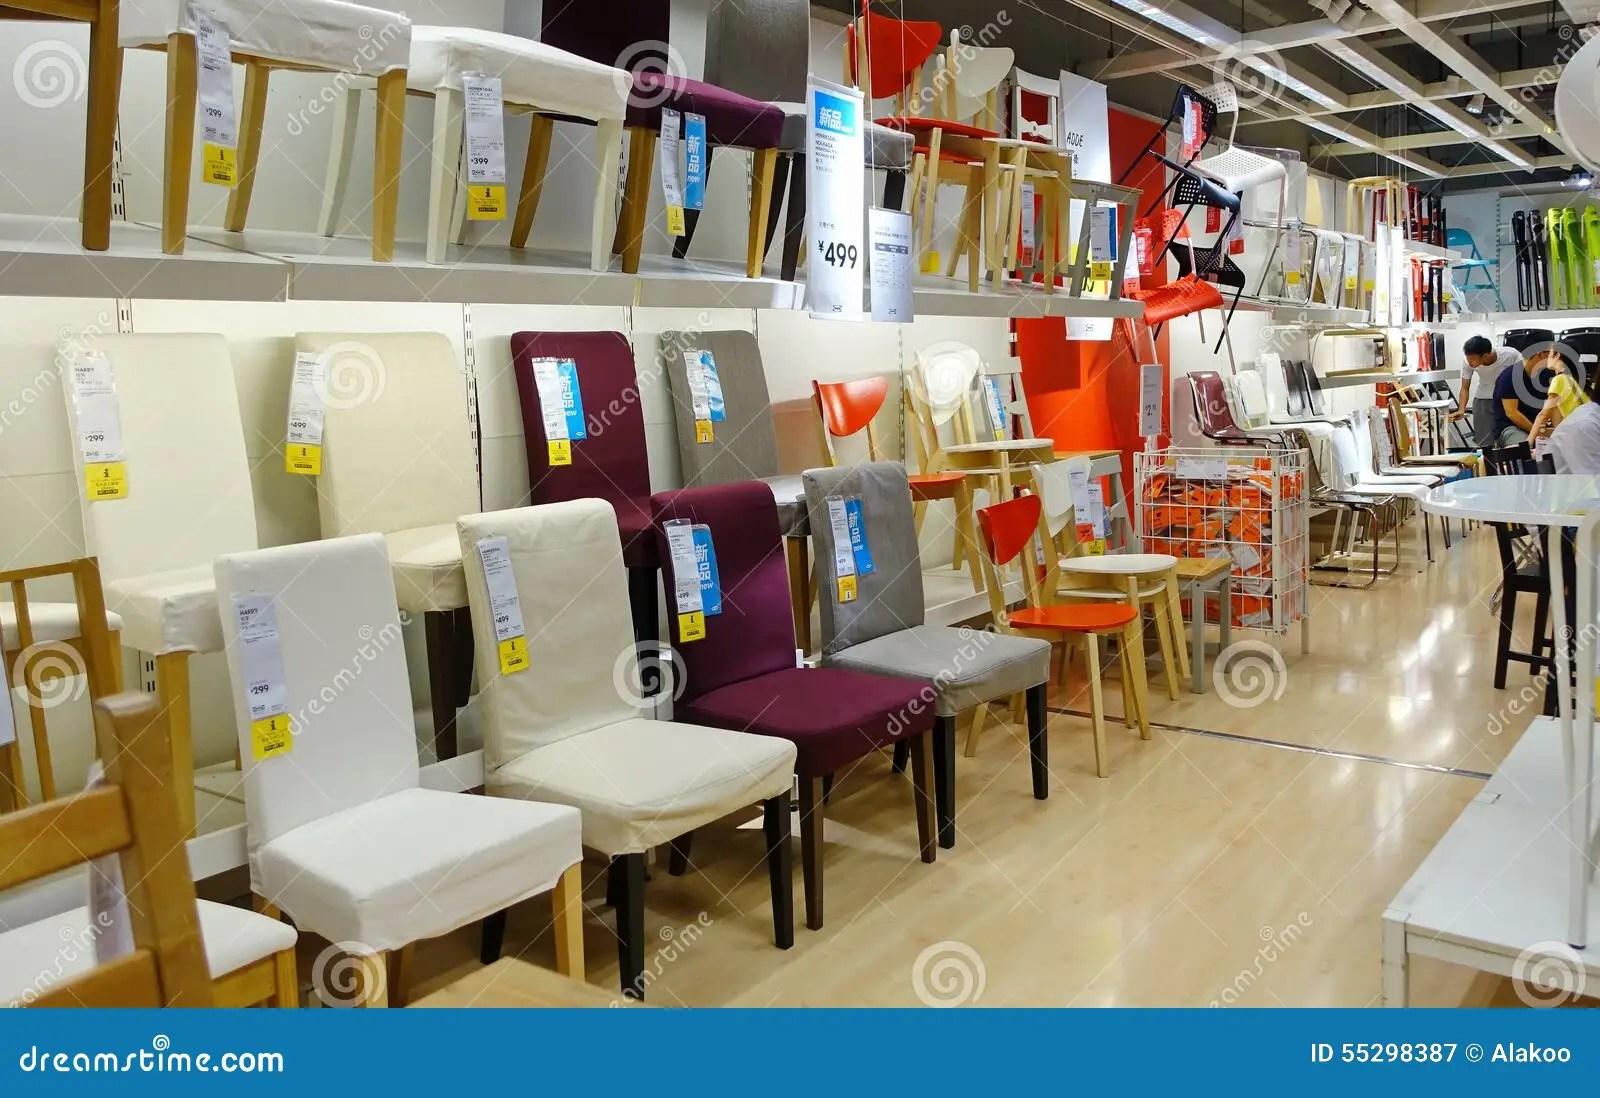 magasin qui rachete les meubles un magasin de meubles qui